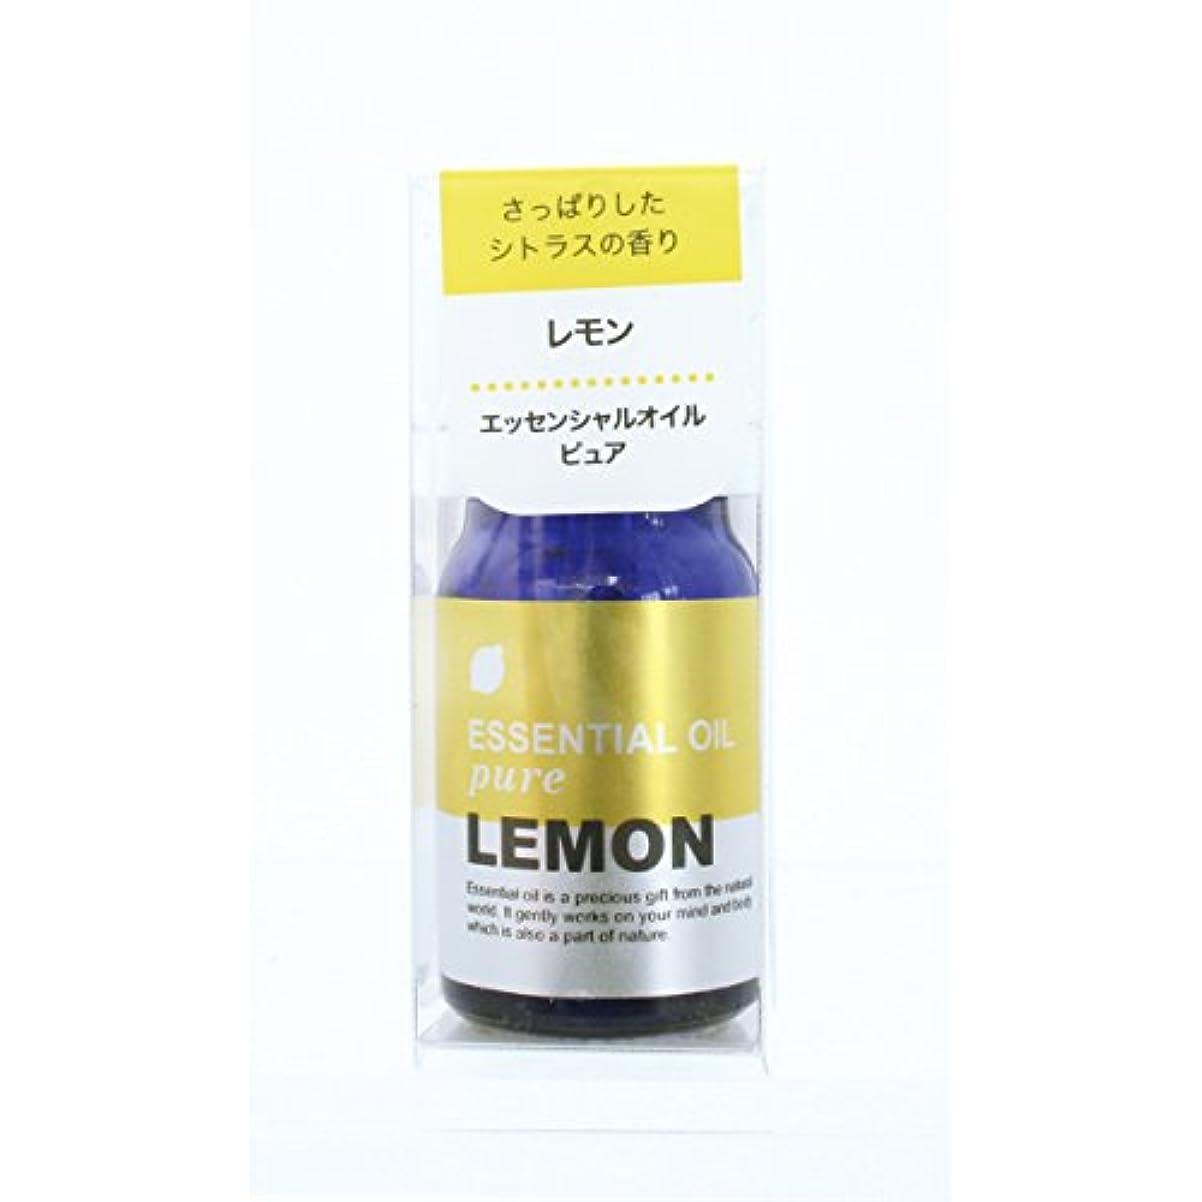 無謀自分の適度にプチエッセンシャルオイル レモン